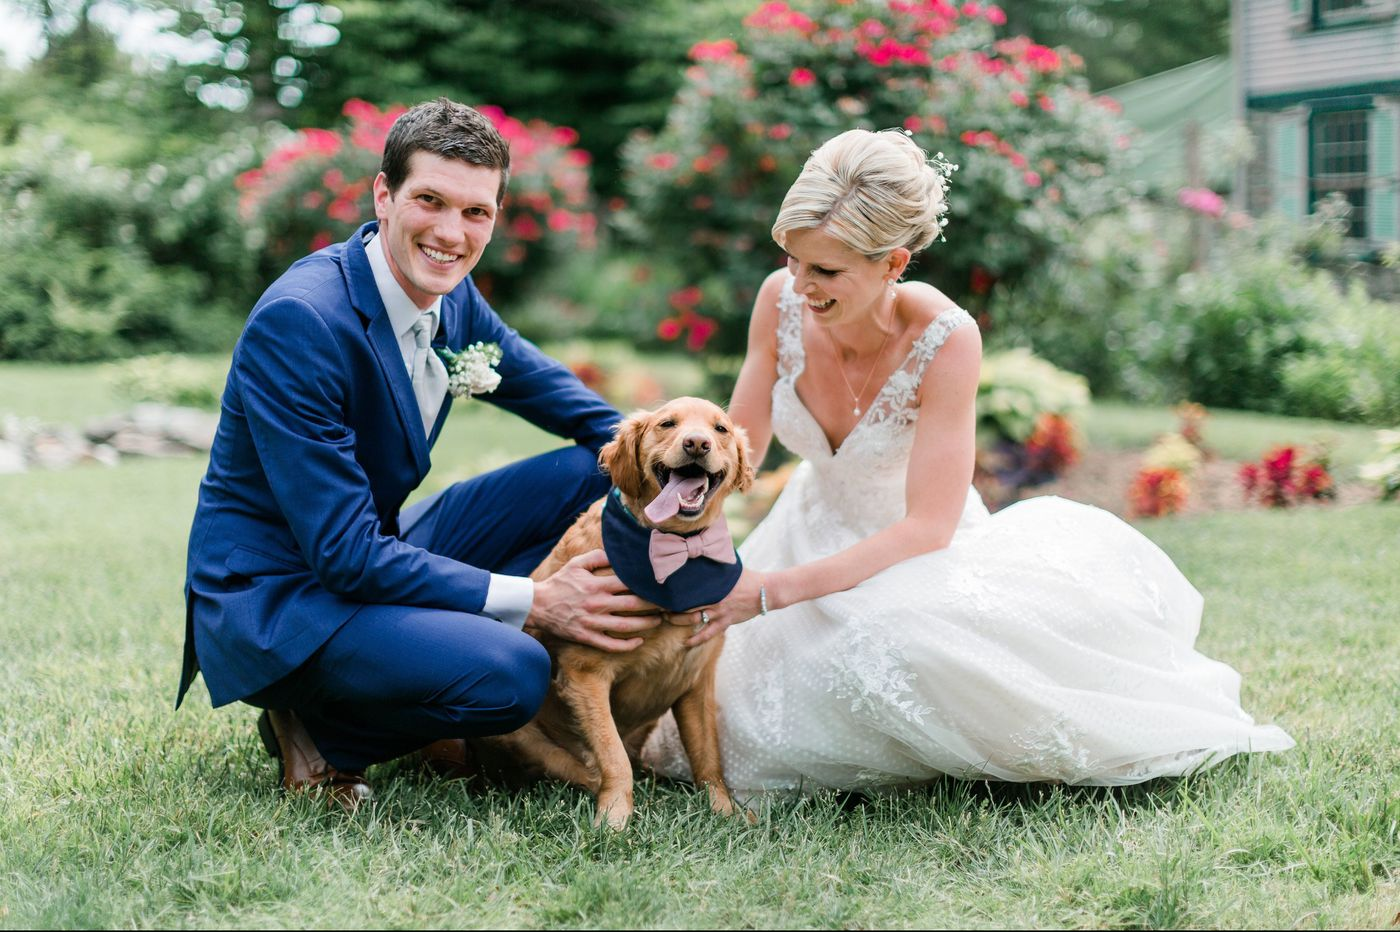 Philadelphia weddings: Chelsea Miles and Scott Derkacz